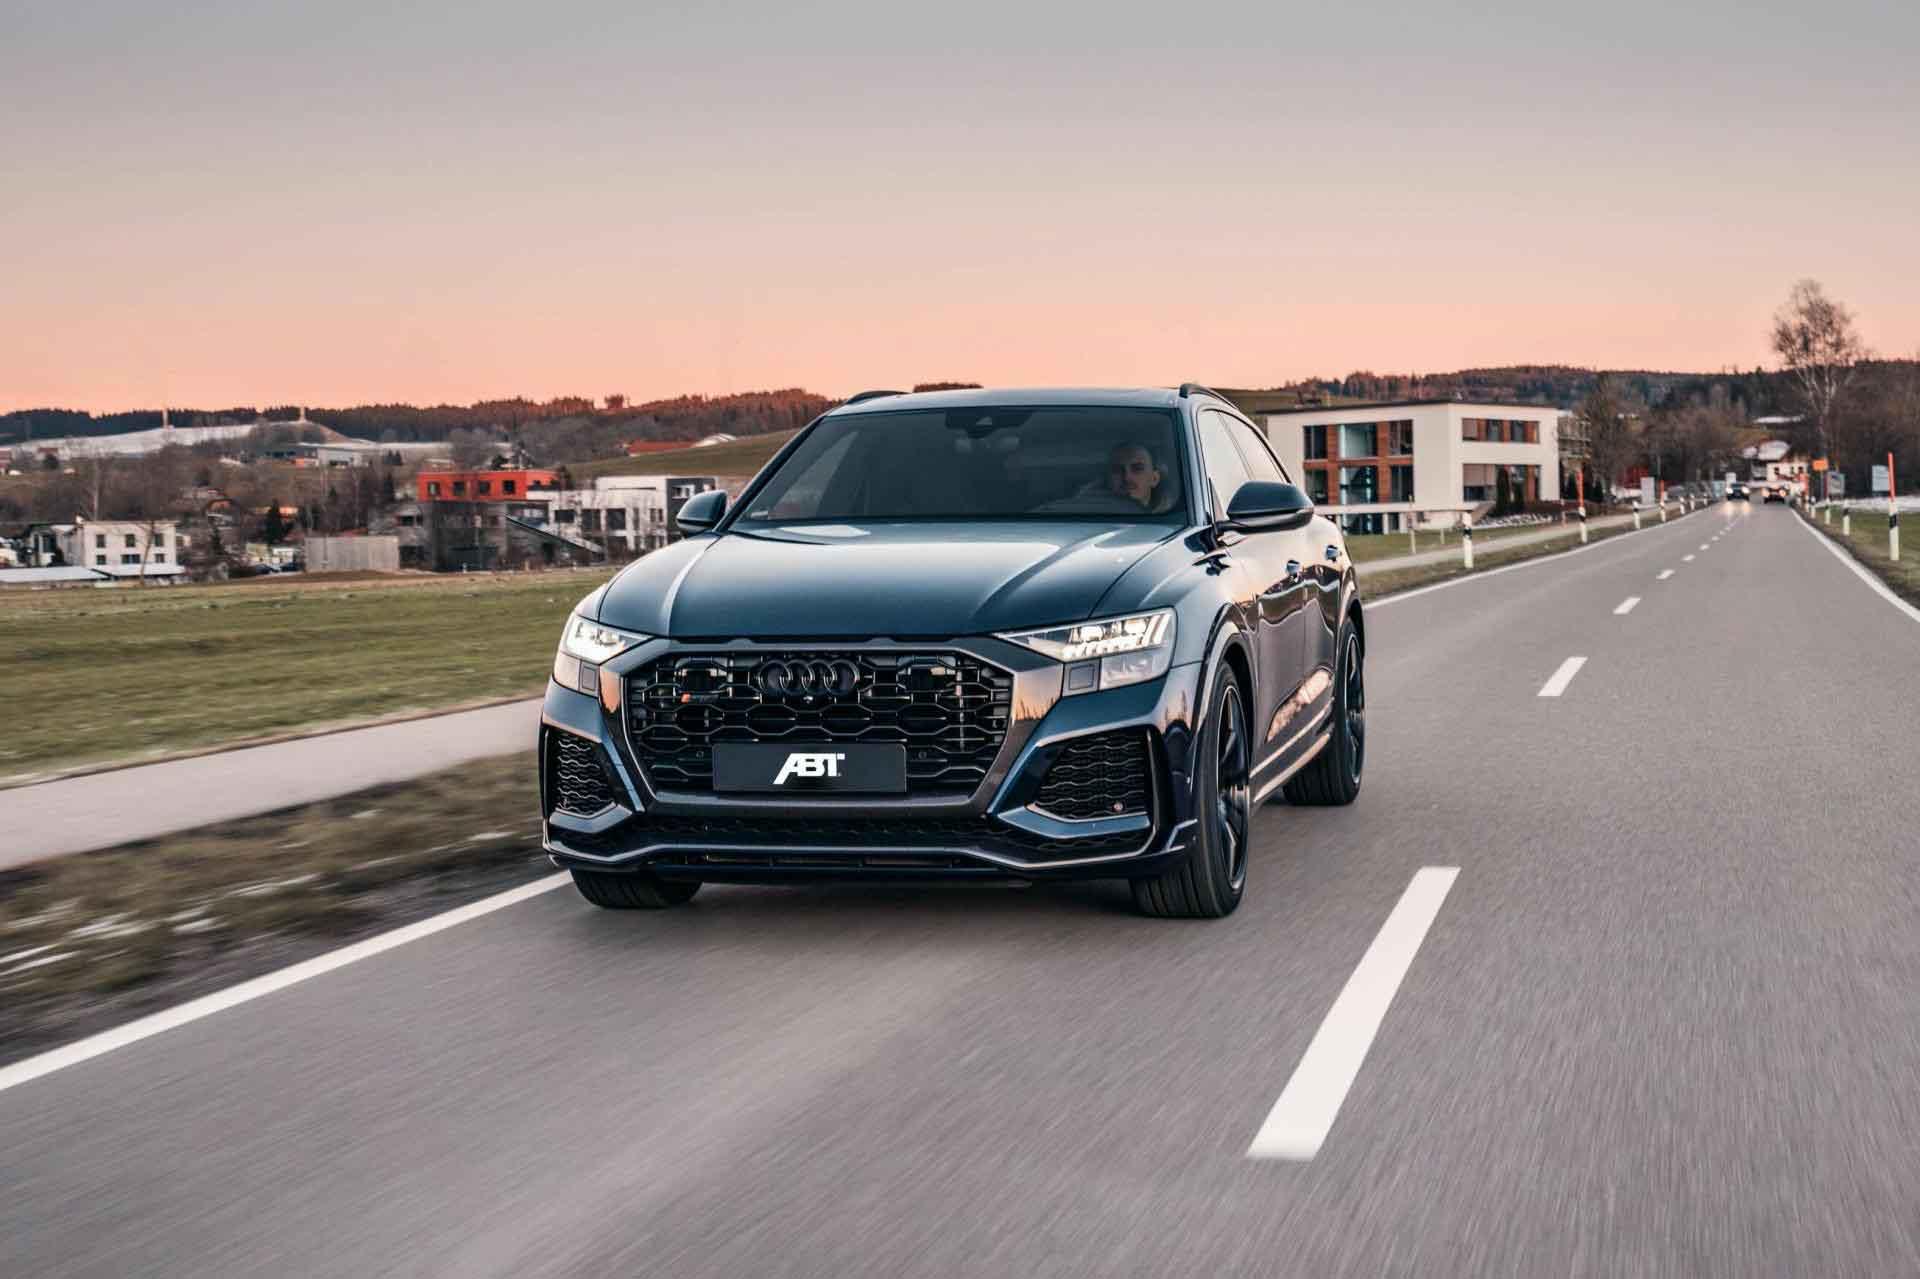 Audi RS Q8 от ABT Sportsline